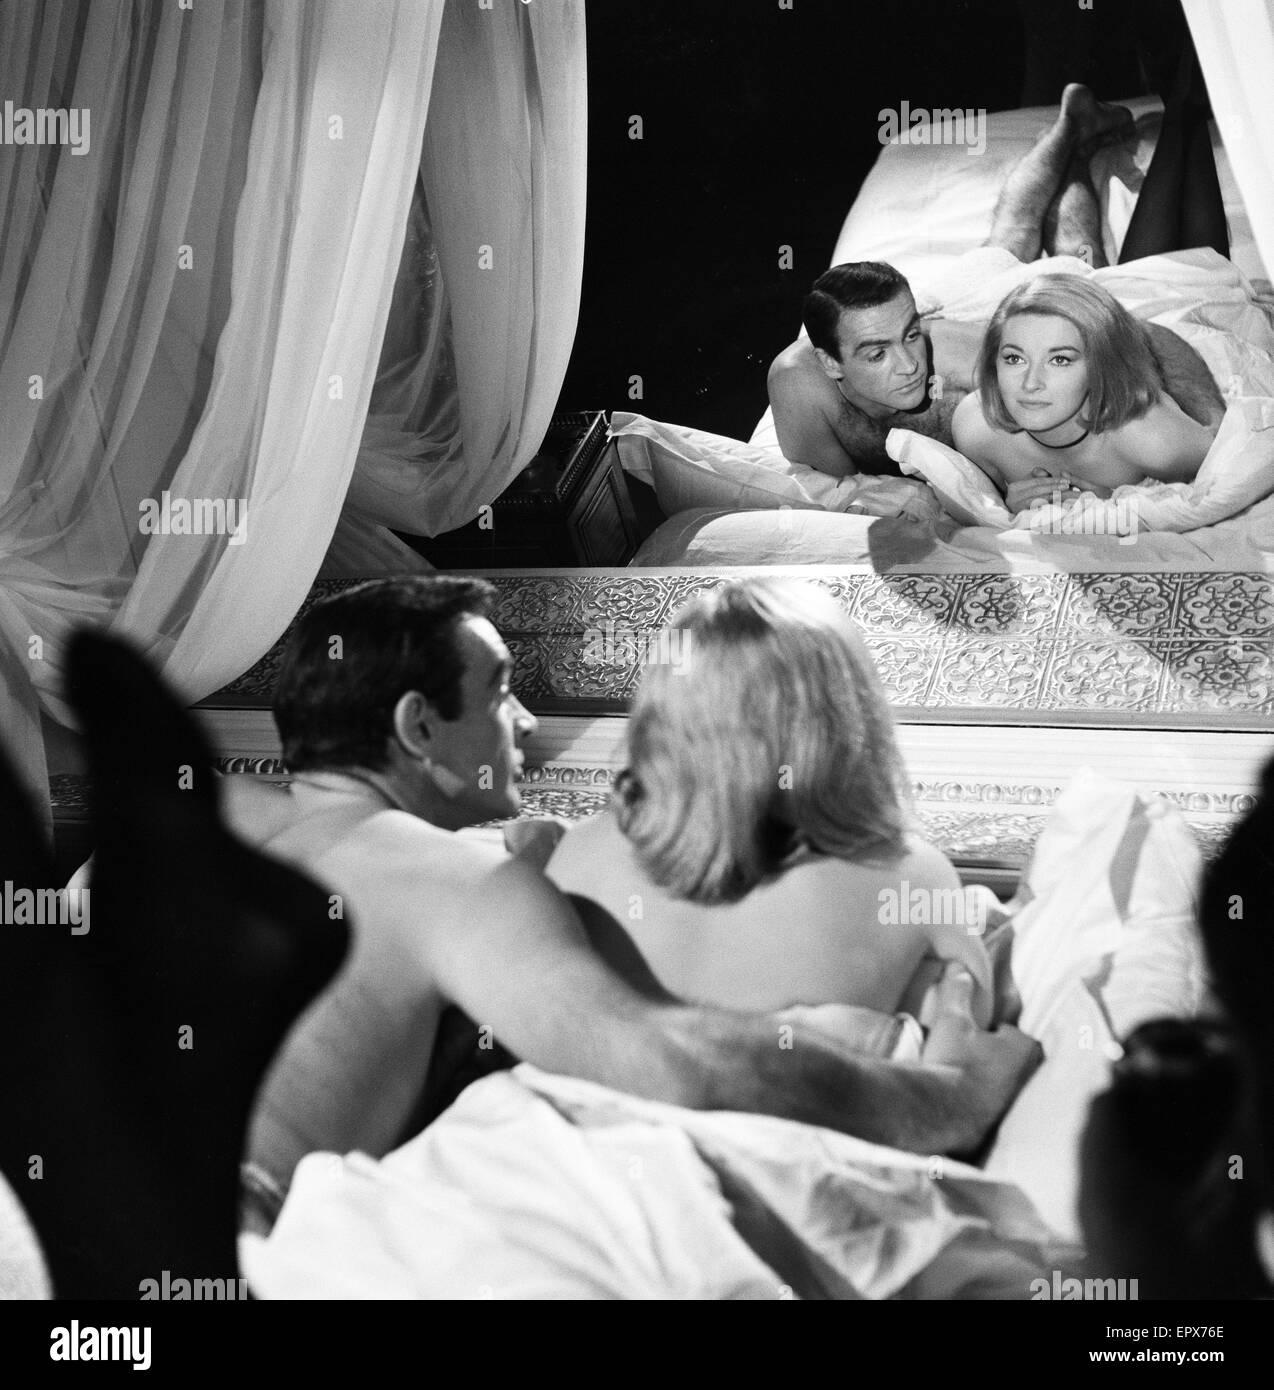 Sean Connery come James Bond con l'attrice Daniela Bianchi come Tatiana Romanova in scena dal film dalla Russia Immagini Stock